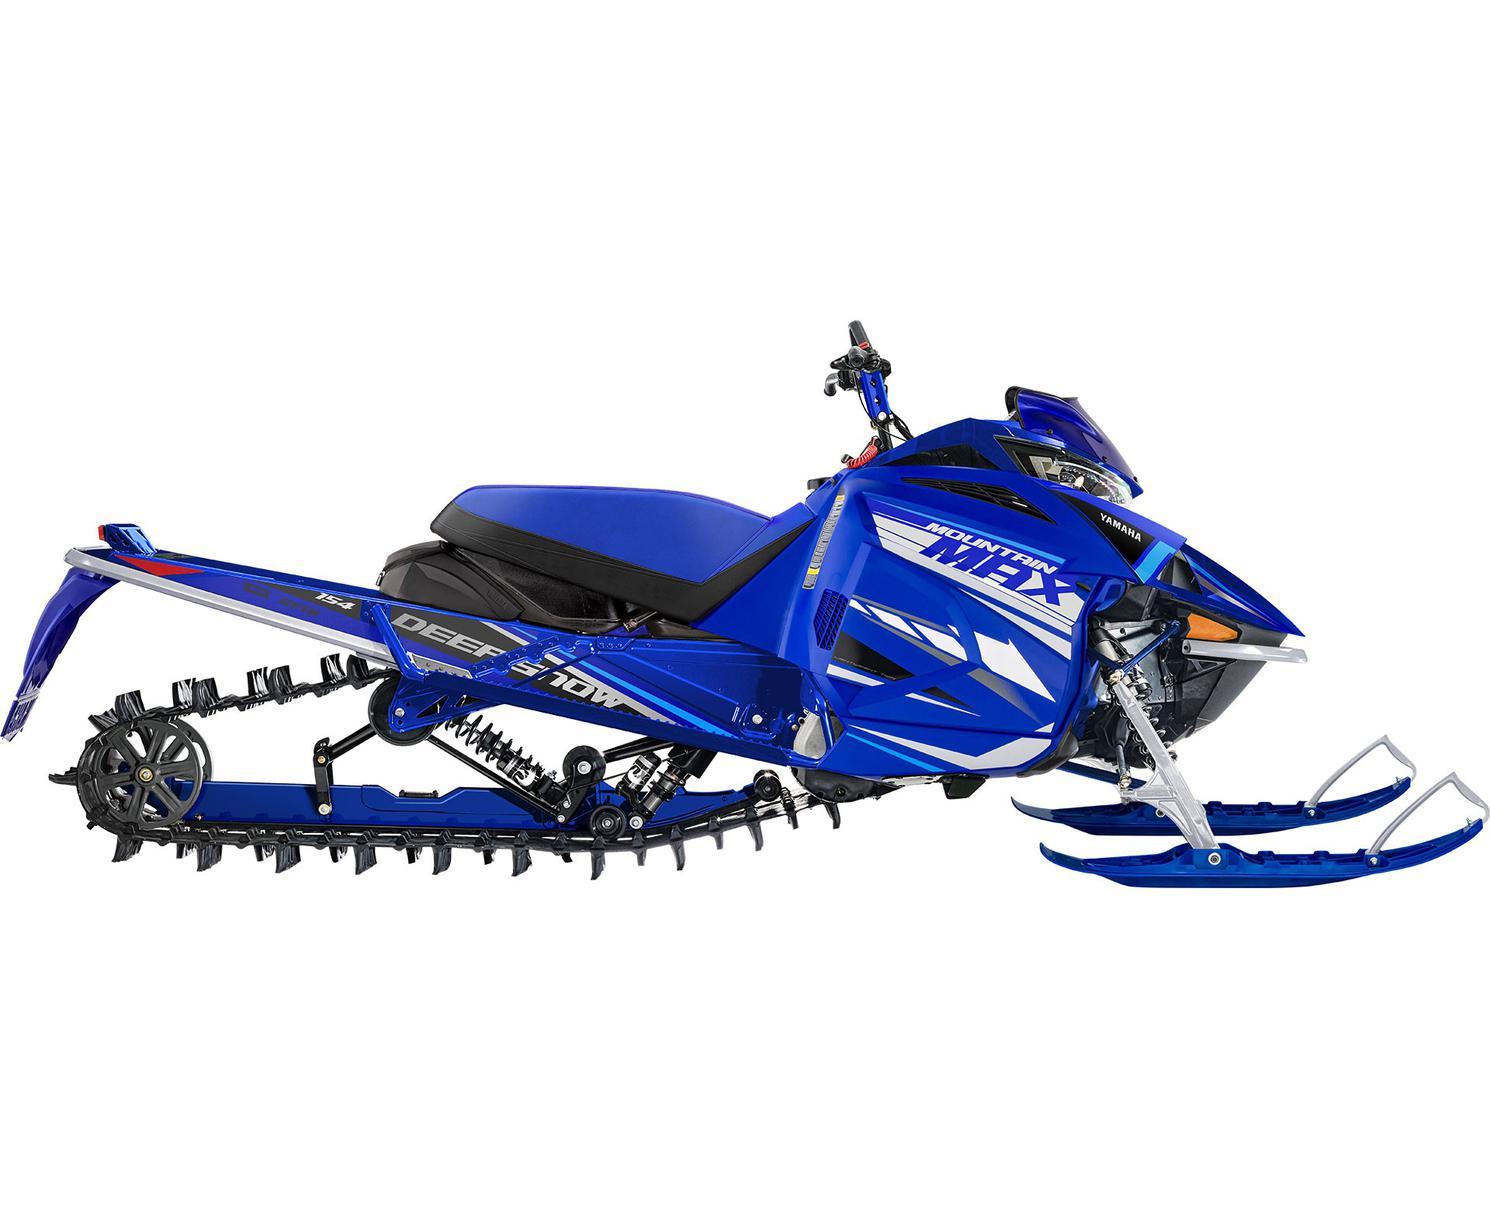 Yamaha Mountain Max LE 154 Bleu Yamaha De Compétition 2021